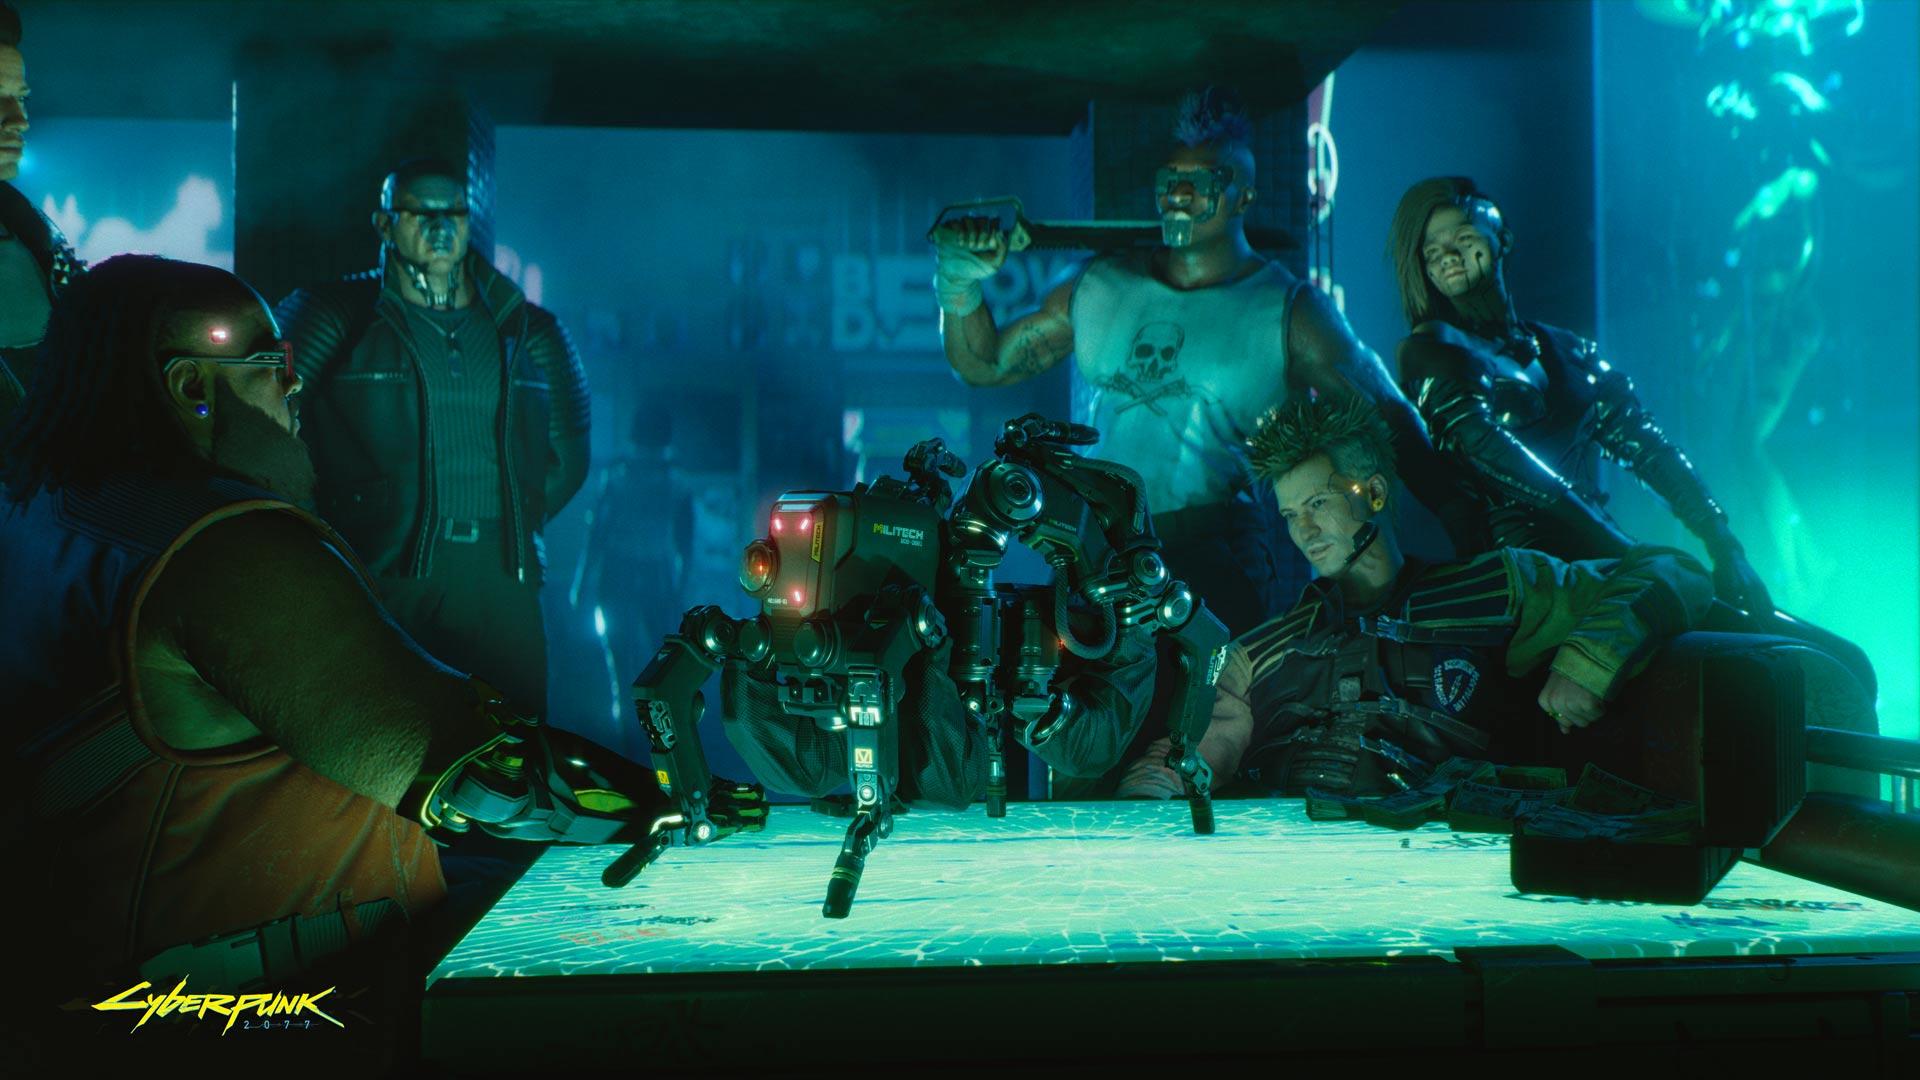 Cyberpunk 2077 It's a deal